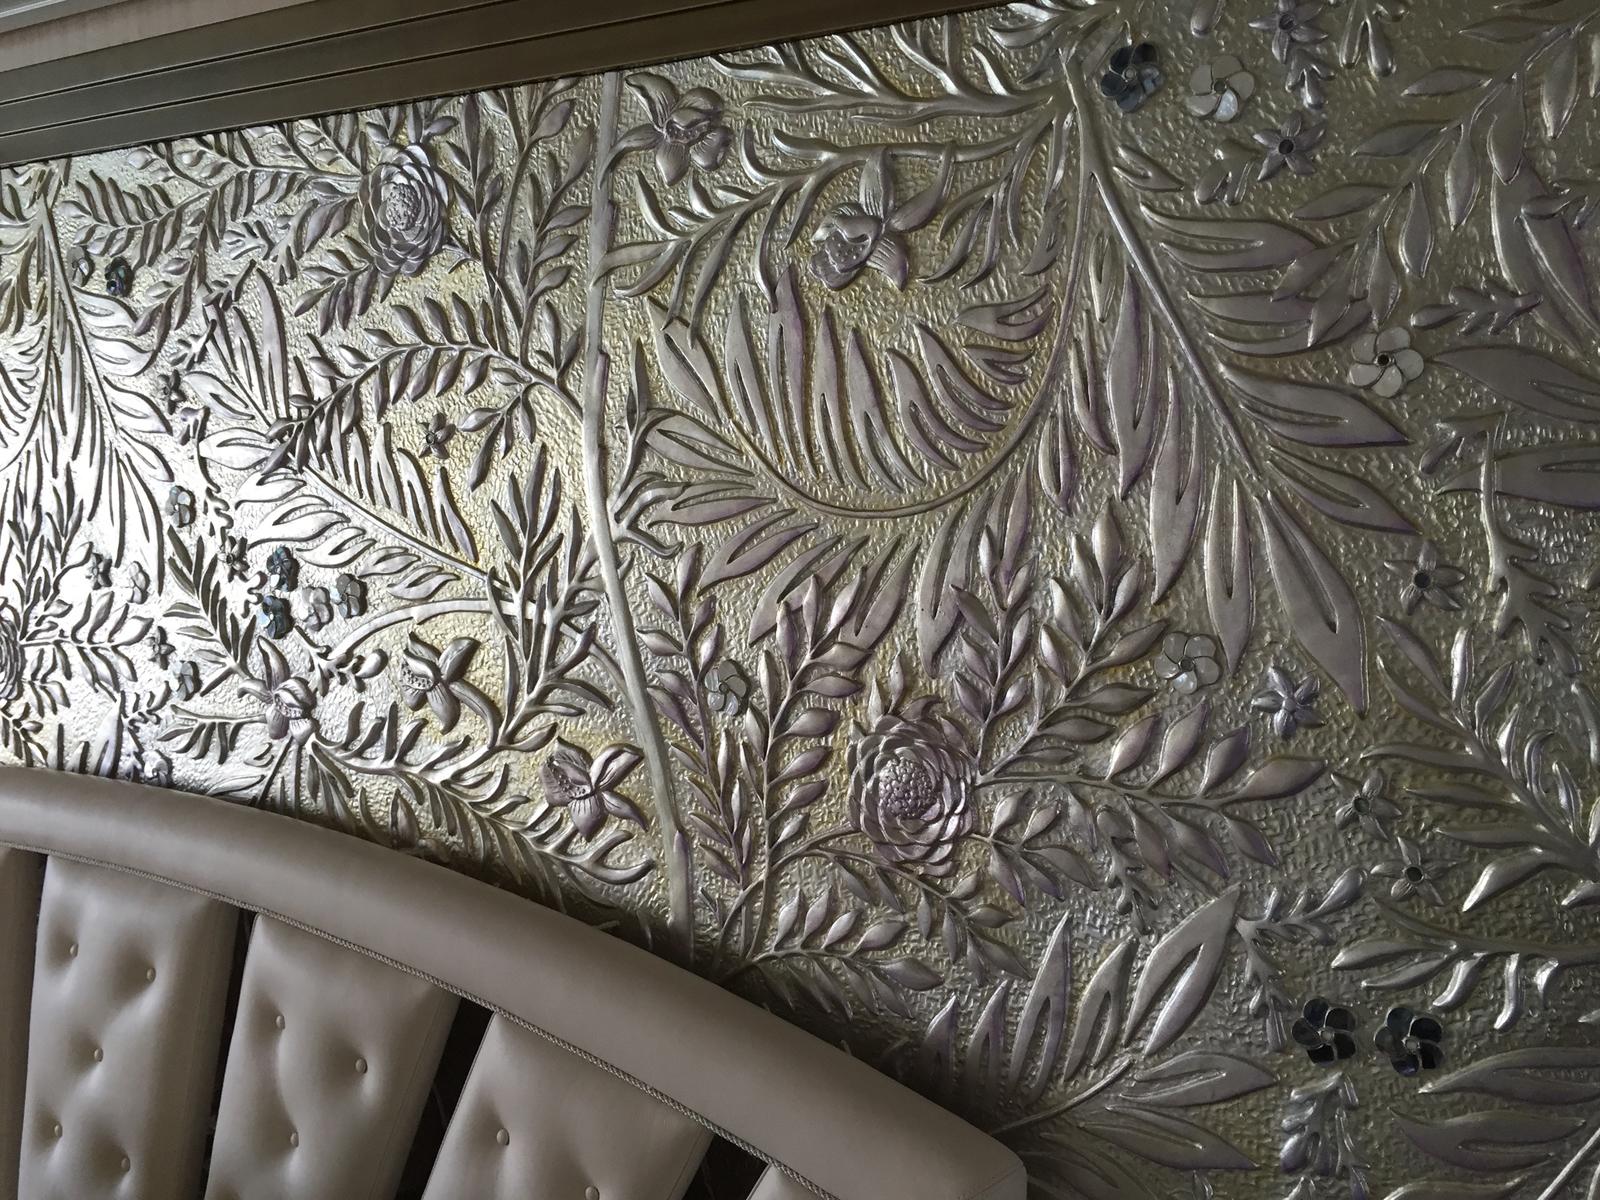 Bassorilievo decorato, particolare, Yacht privato